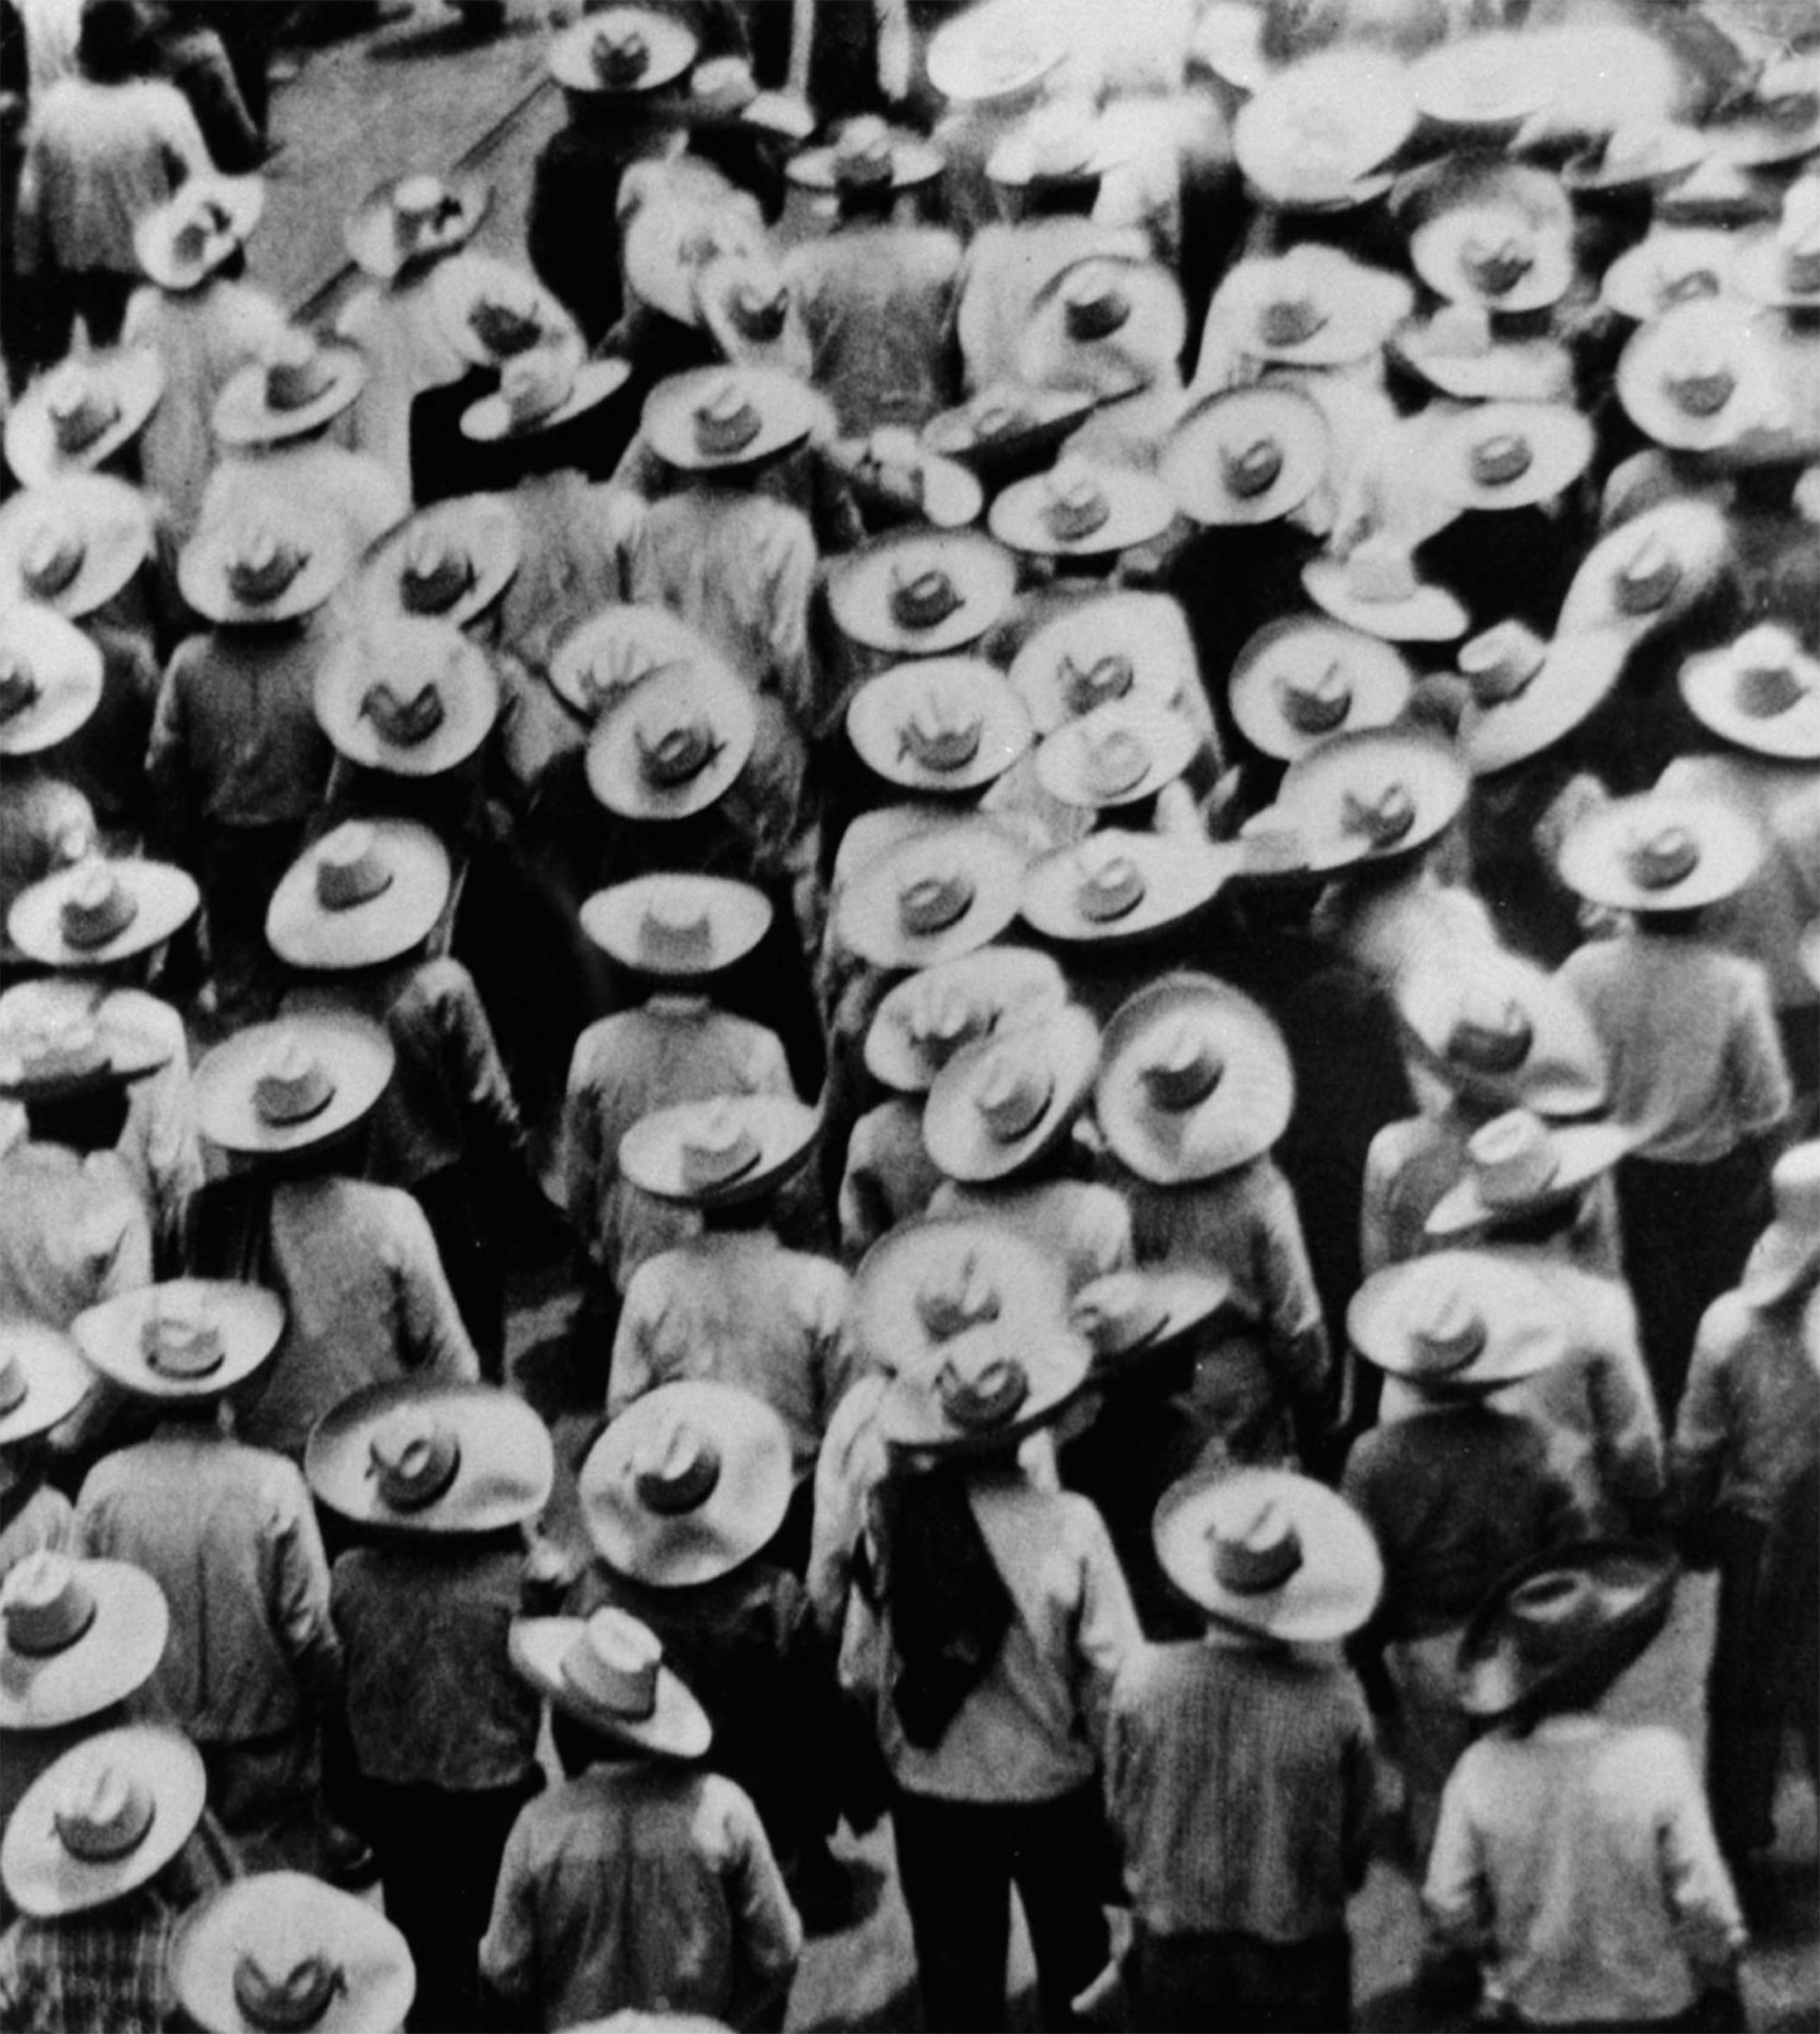 Tina Modotti - Workers Parade - 1926